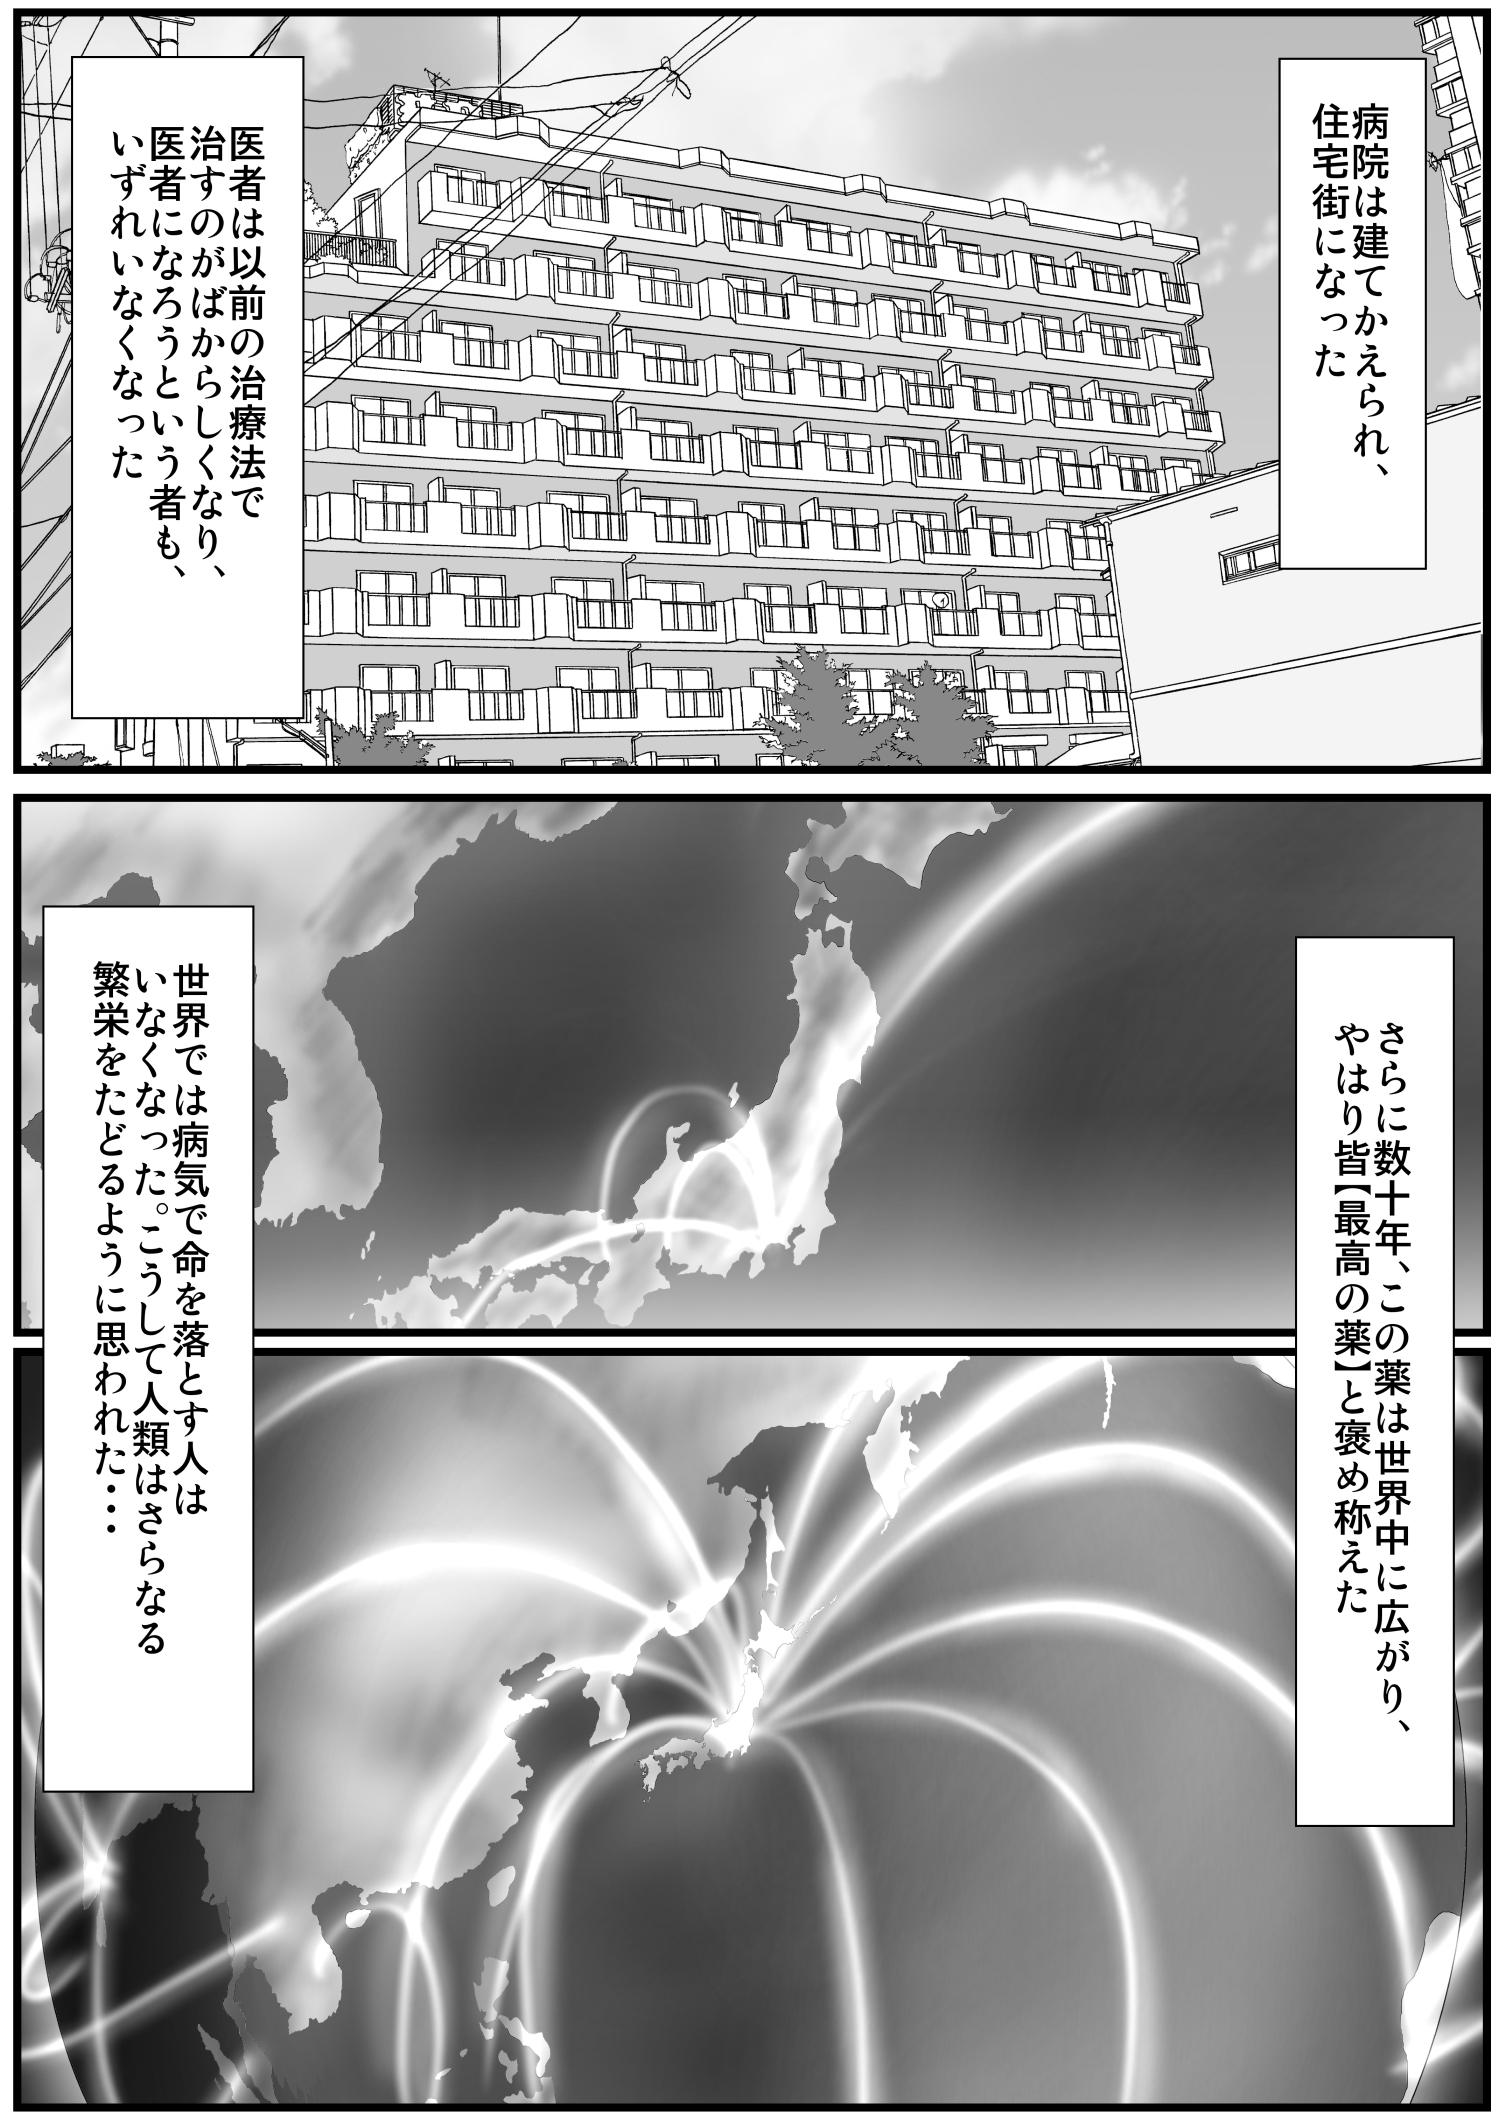 2019-4-13 最高の薬_004